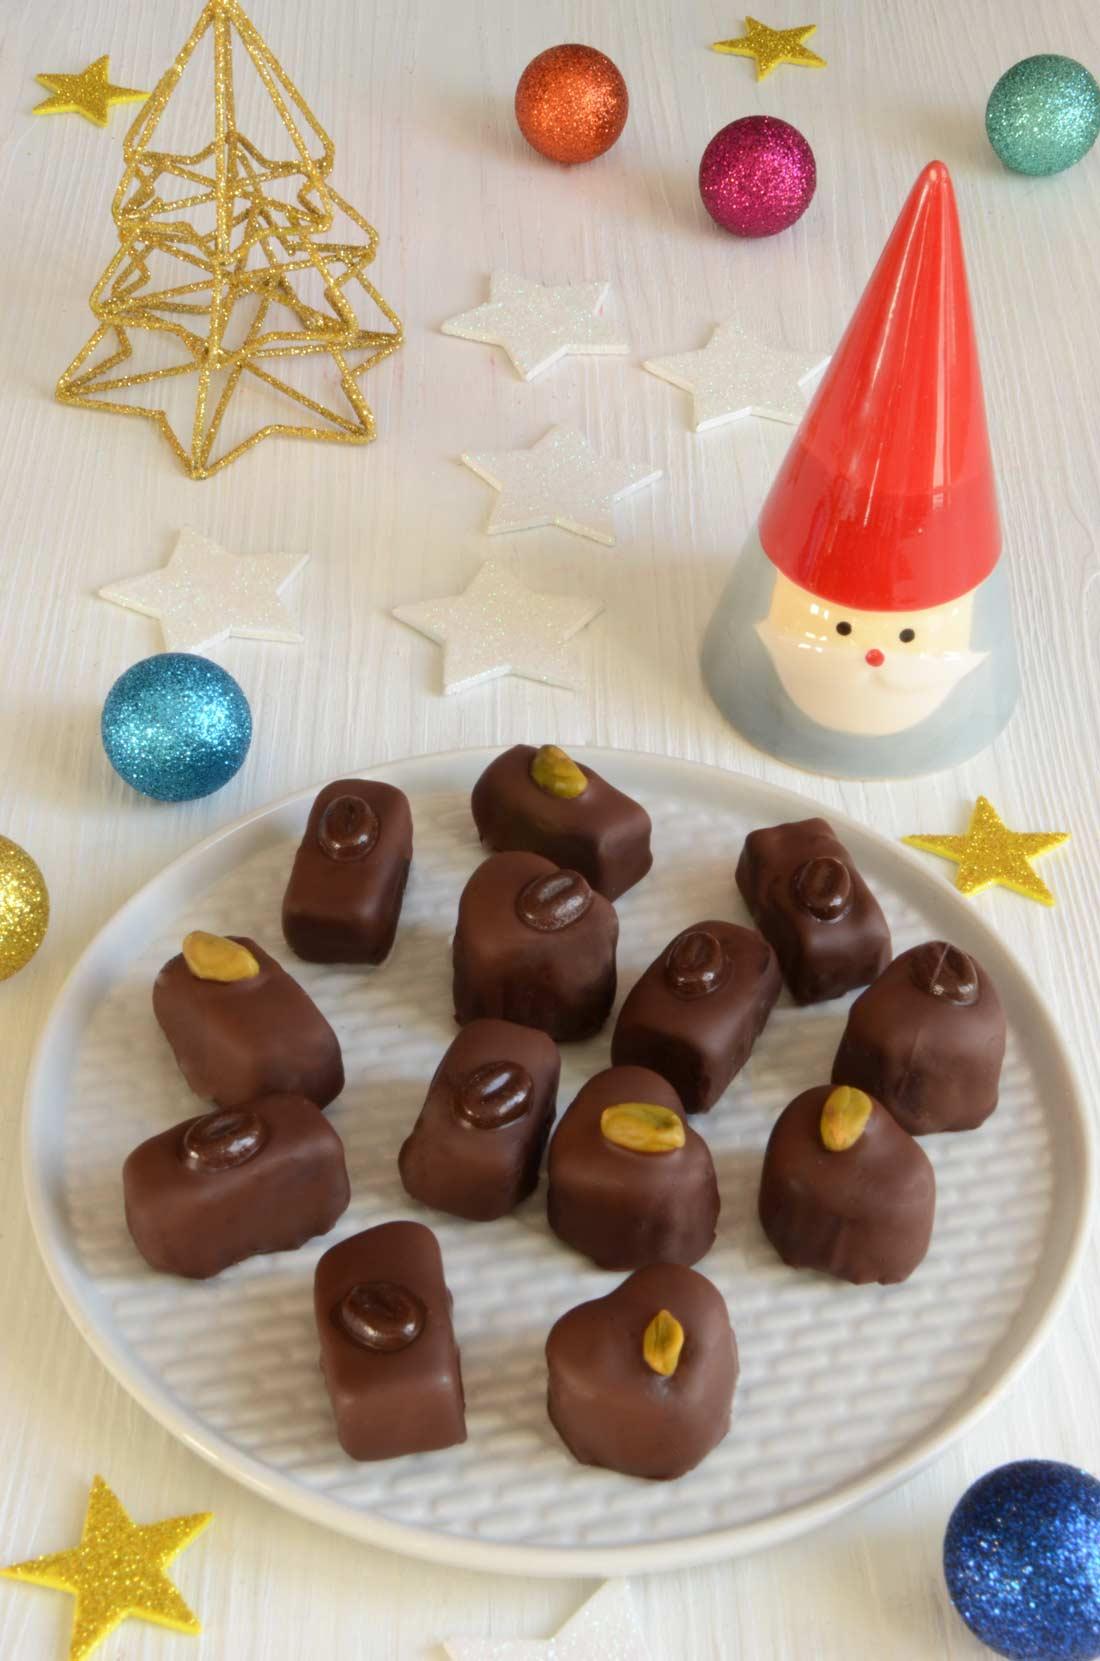 Chocolats pâte d'amande faciles et gourmands pour Noël